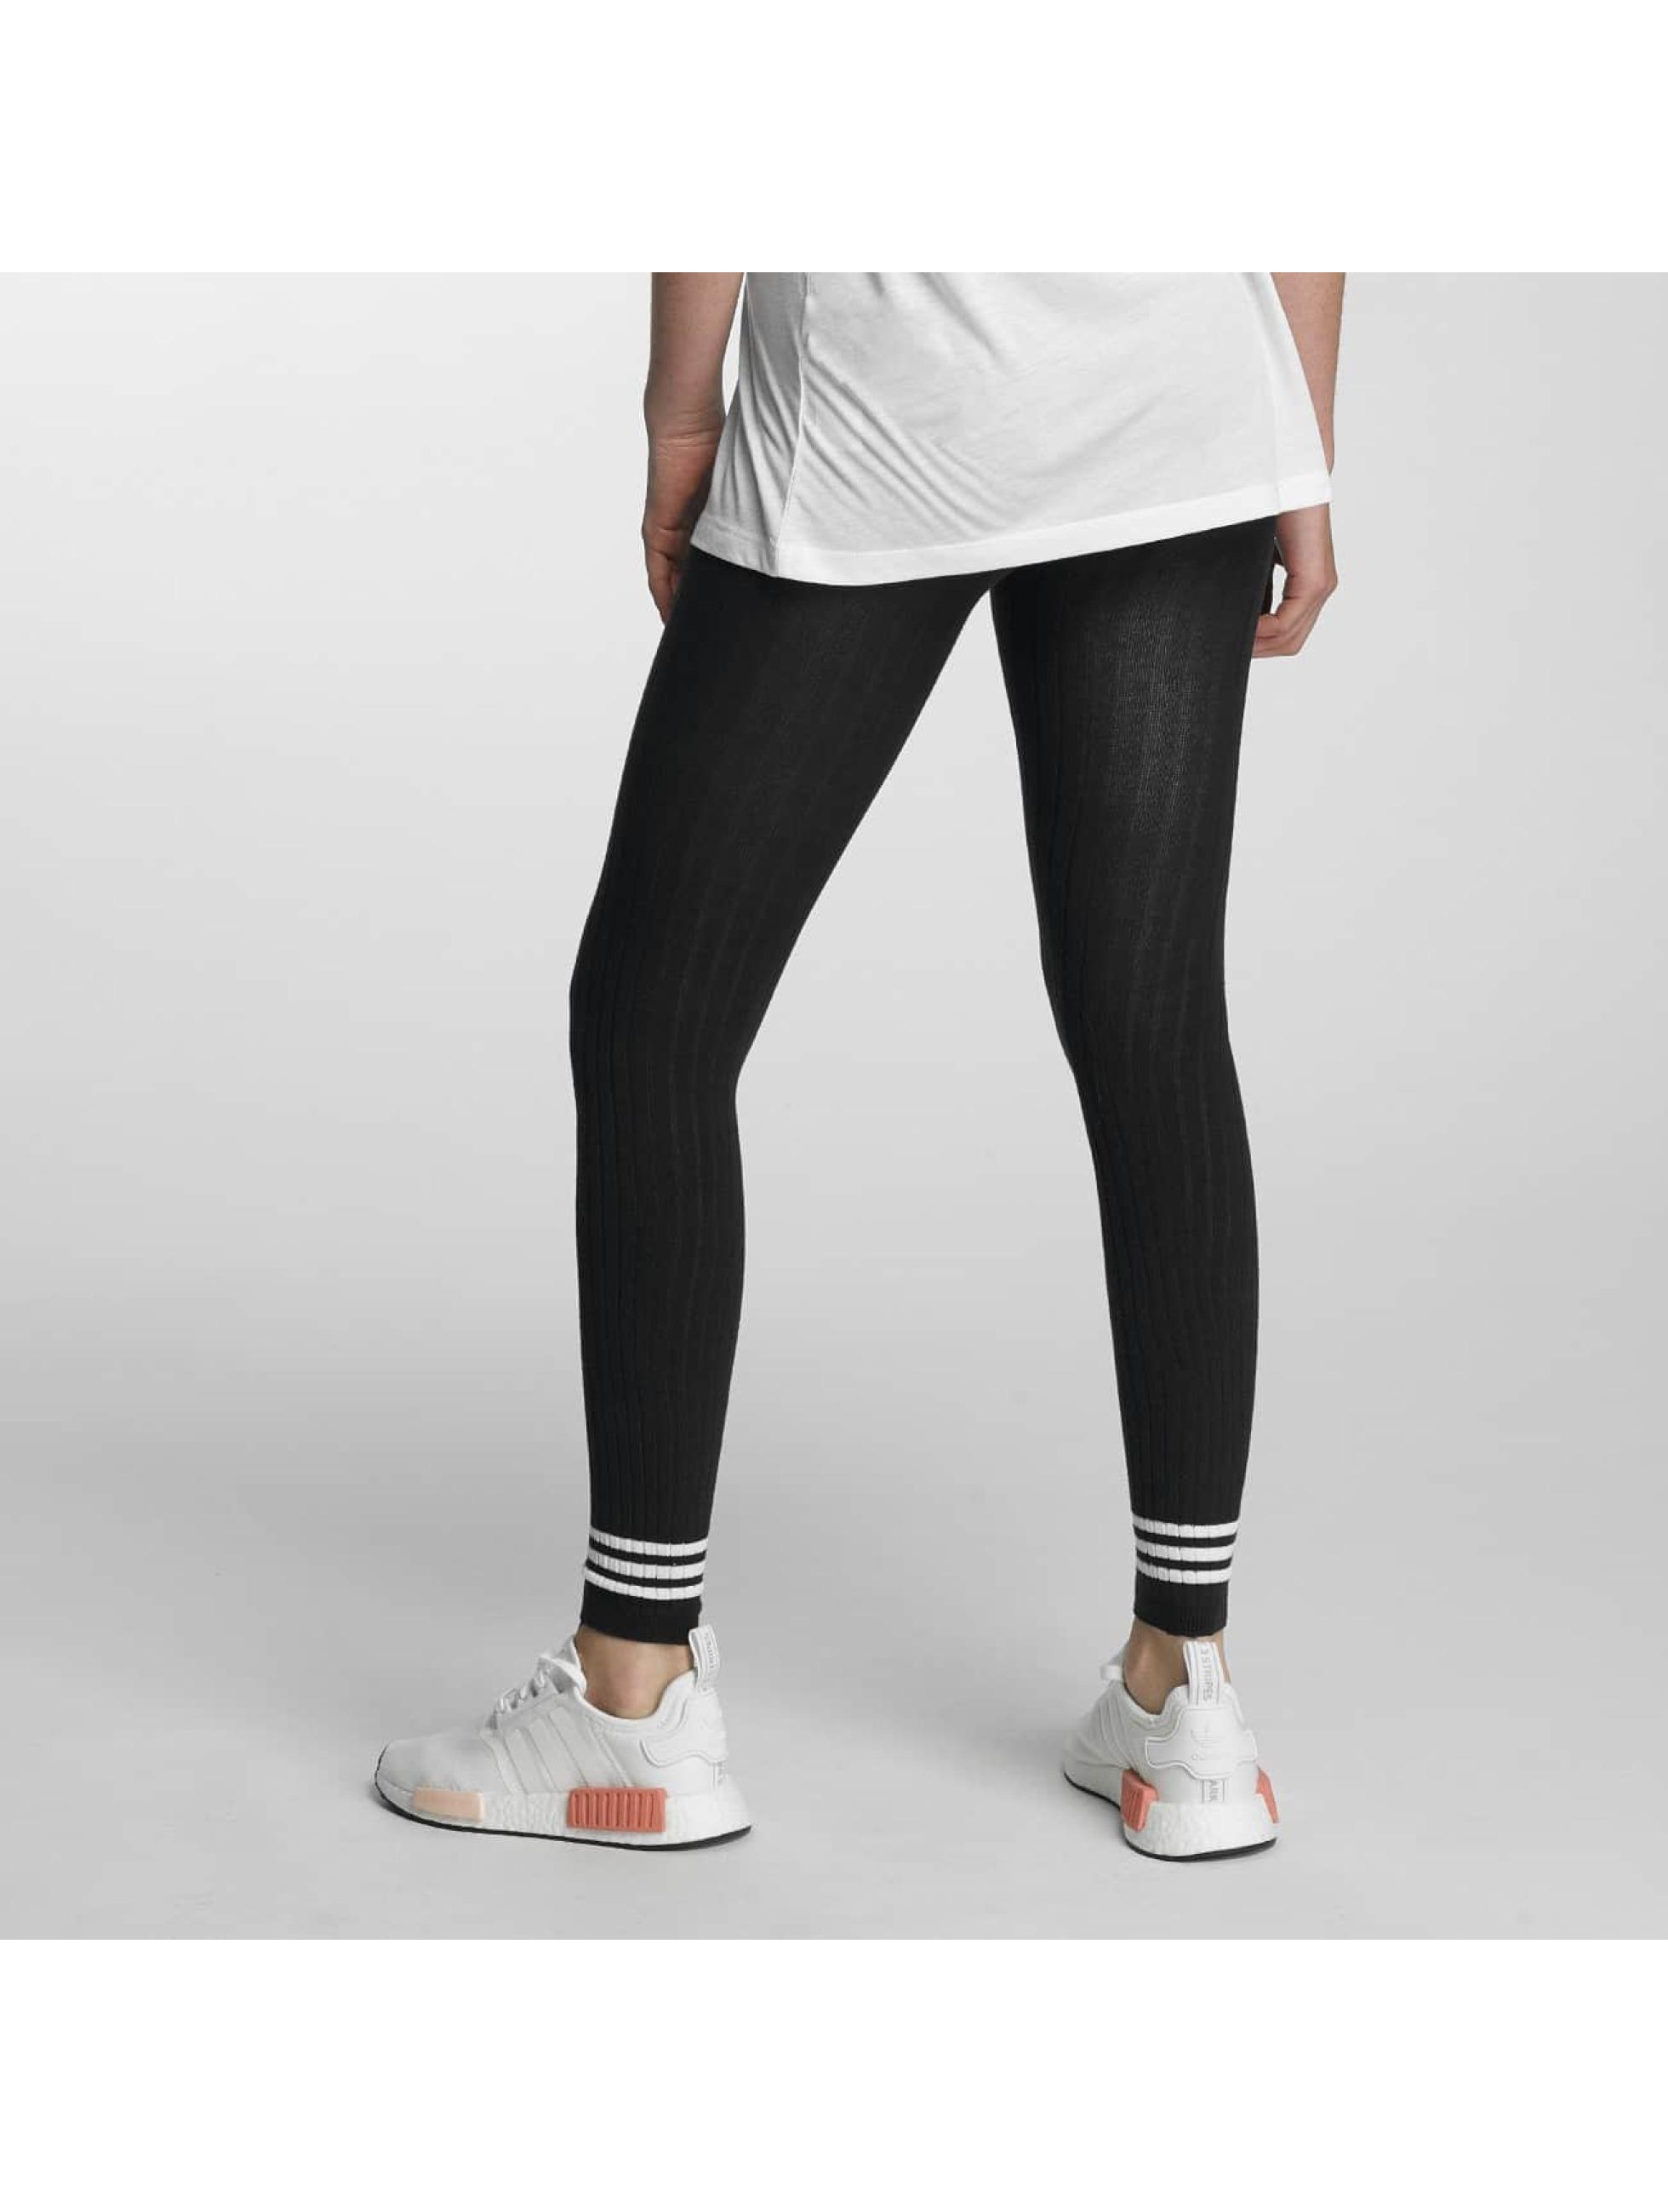 adidas originals Leginy/Tregginy 3 Stripes modrý